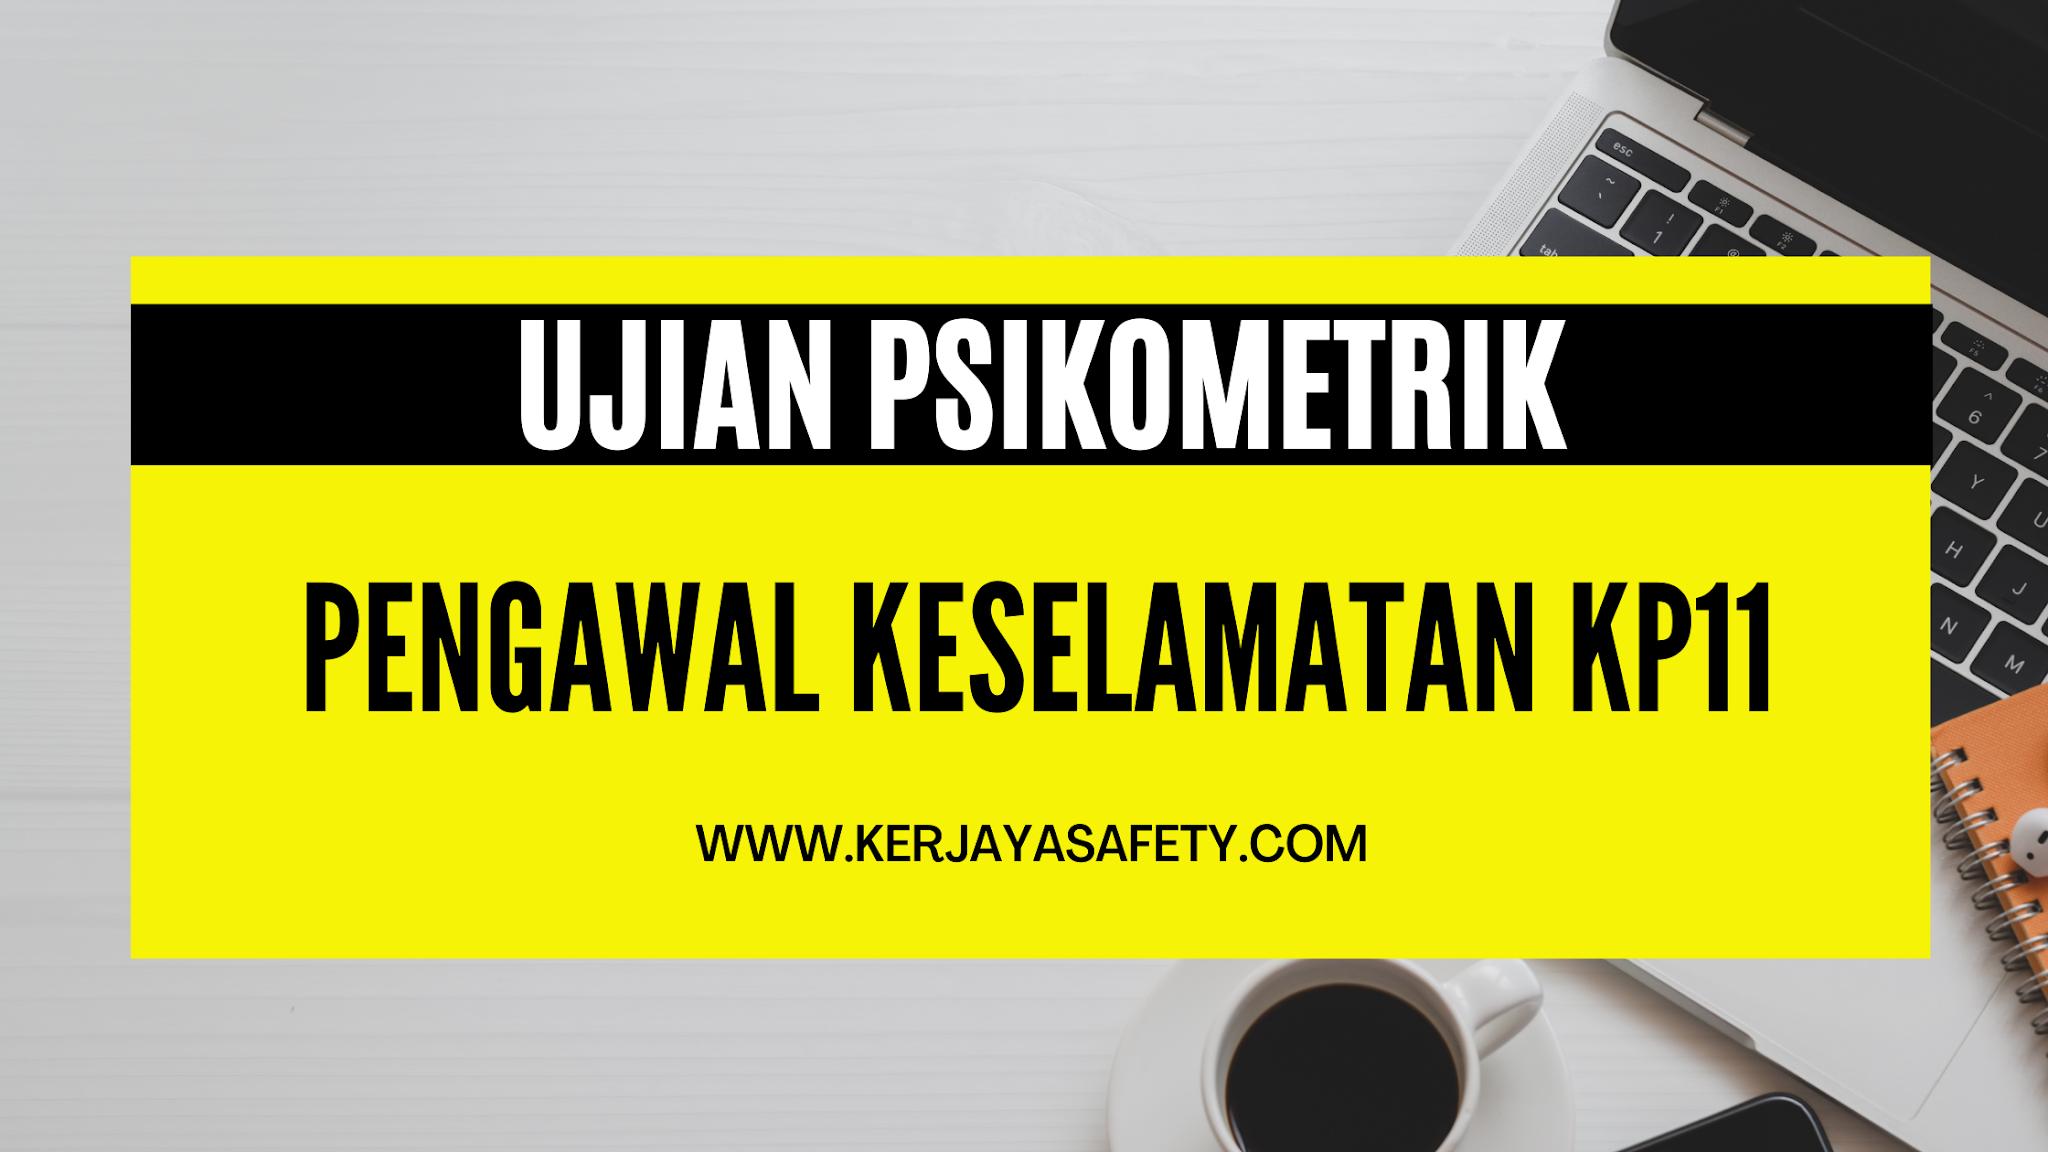 Contoh Soalan Ujian Psikometrik Pengawal Keselamatan KP11